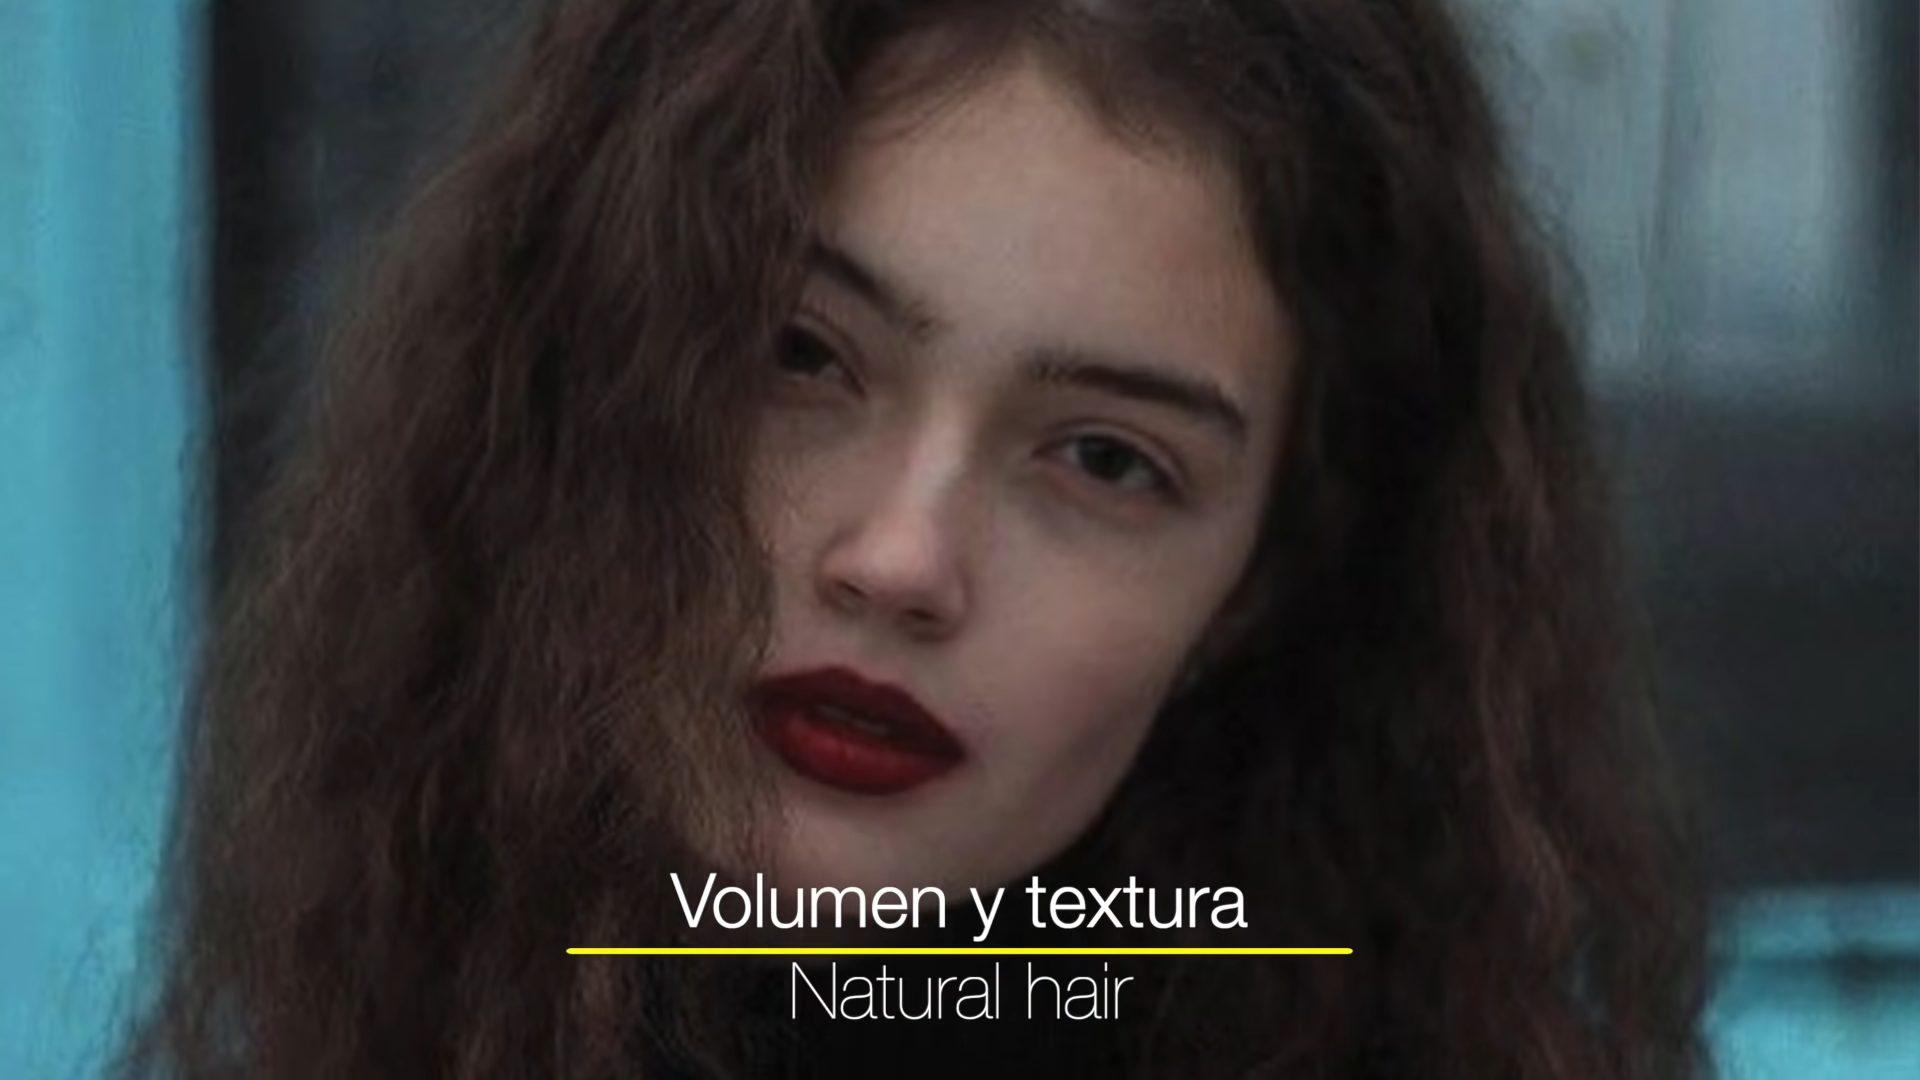 volumen y textura